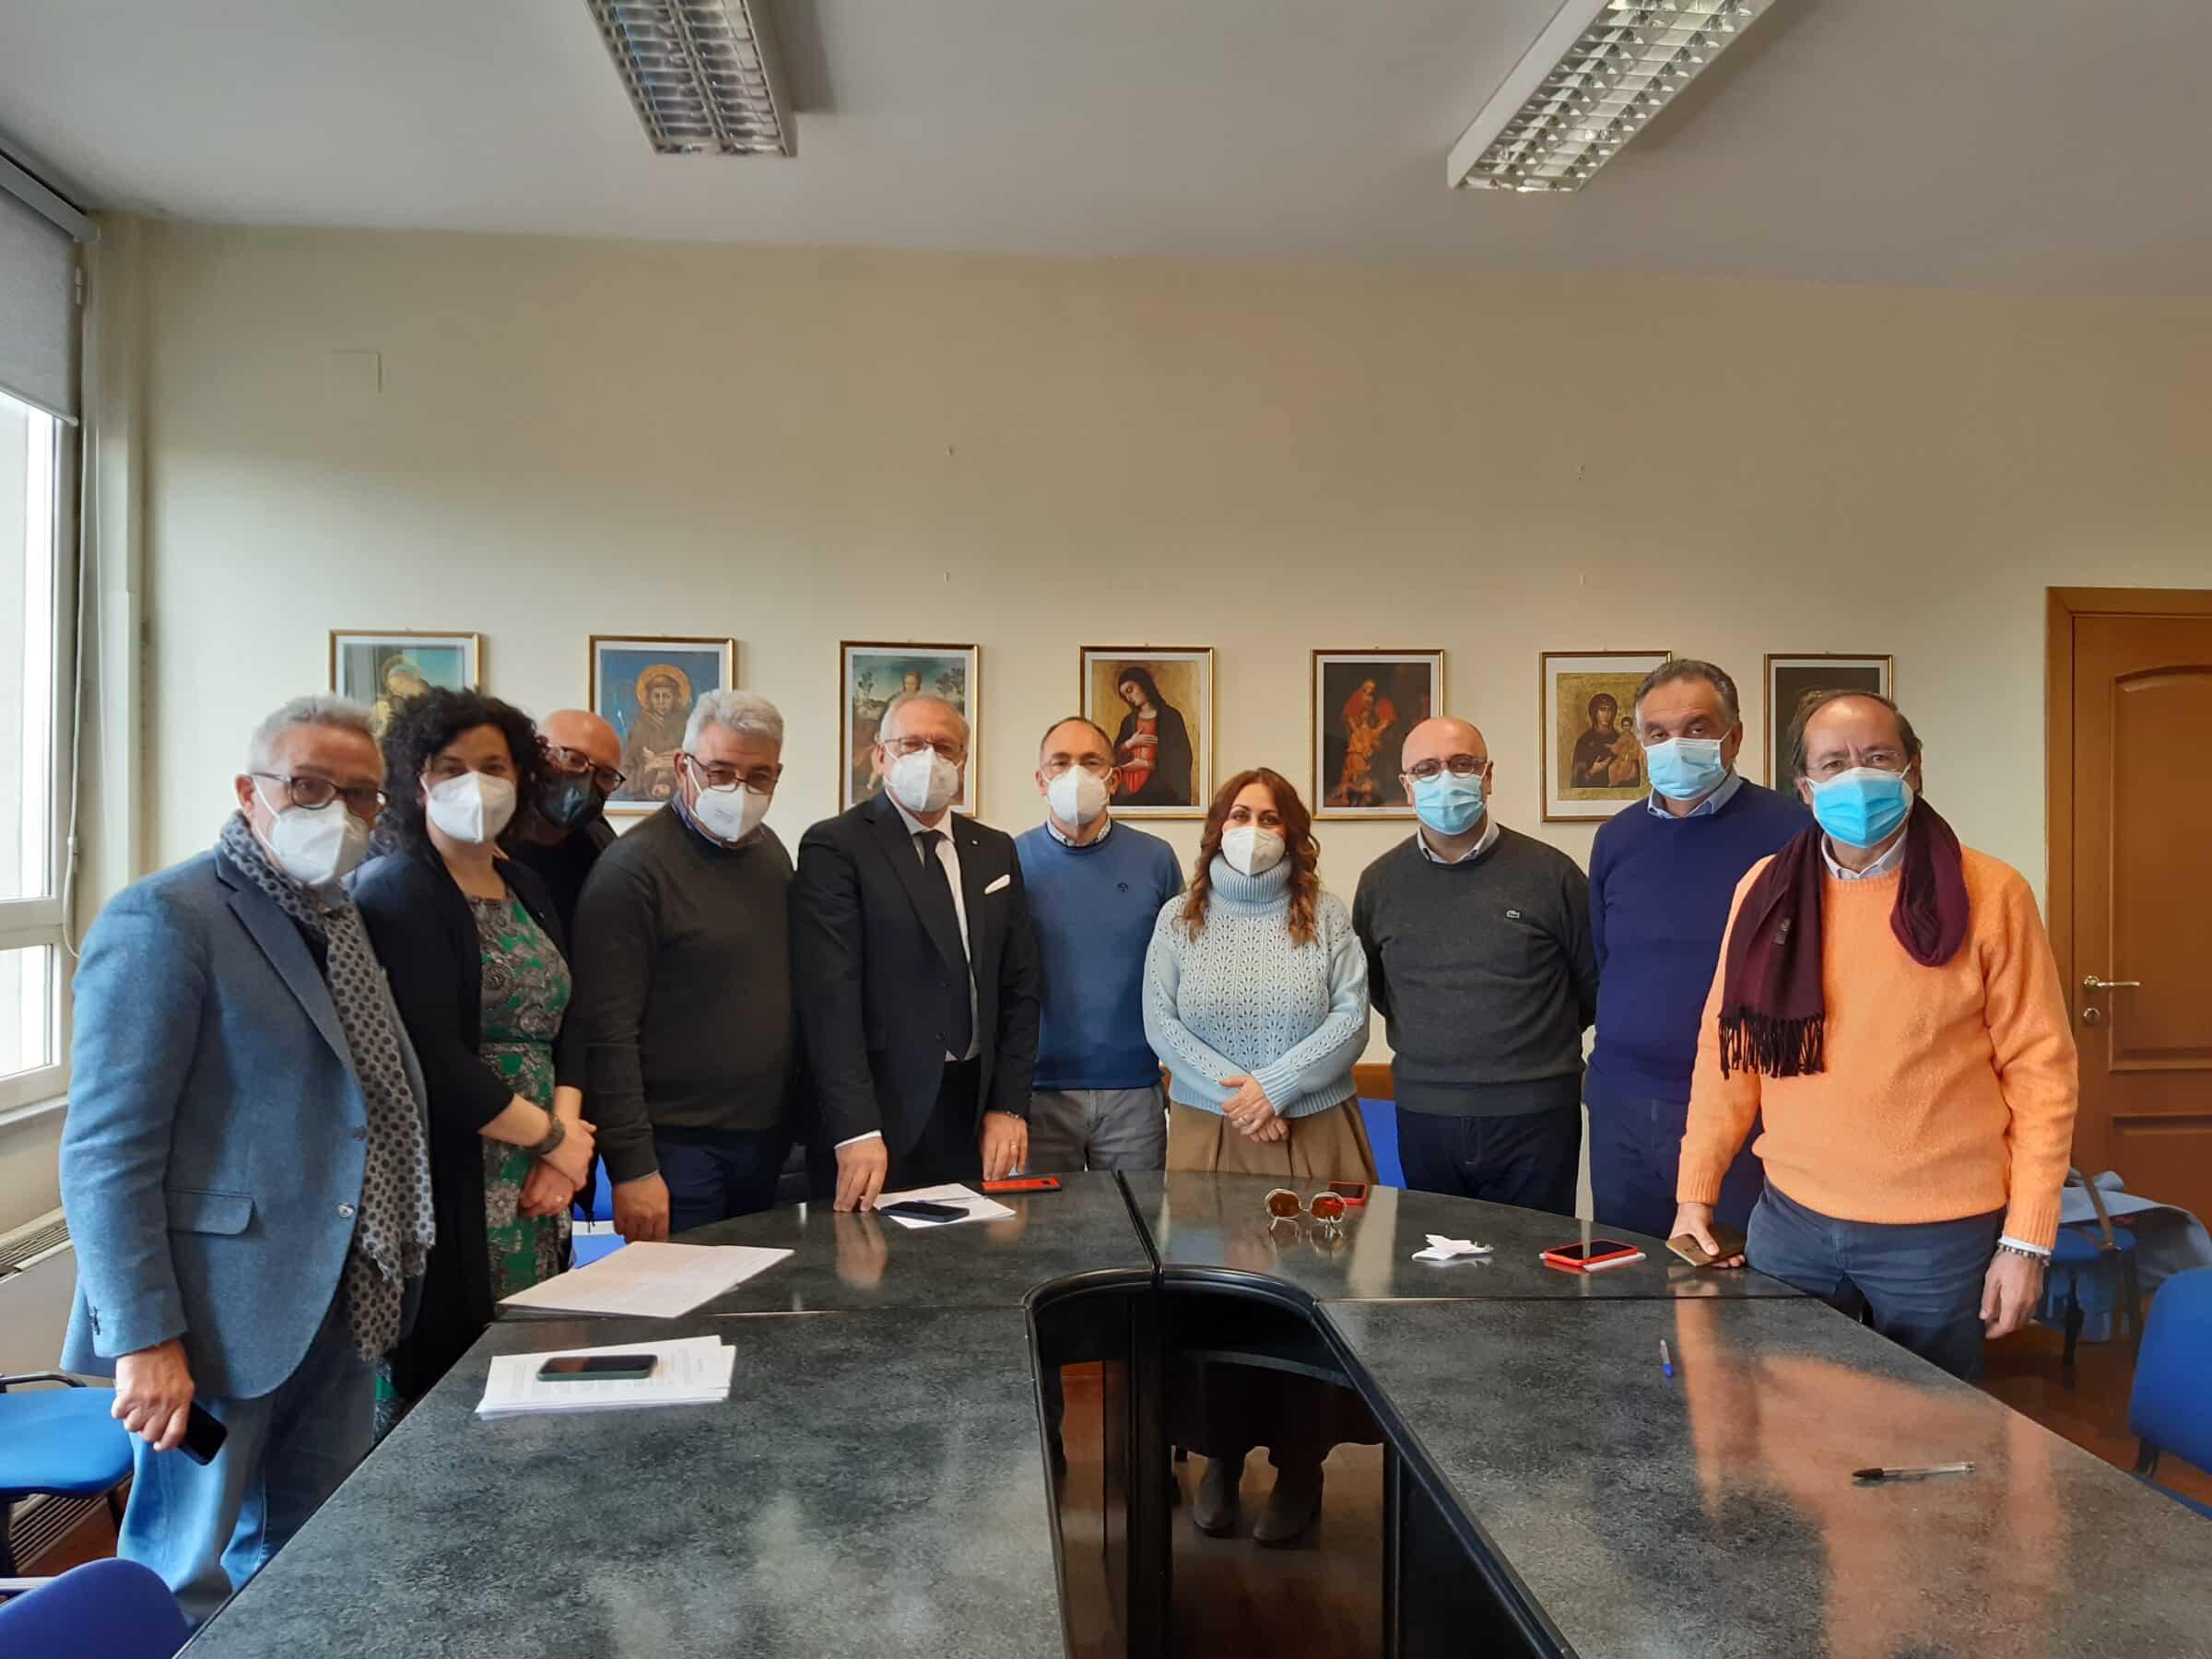 Nasce anche a Catania il Tavolo provinciale permanente della salute, siglati i protocolli d'intesa con i sindacati